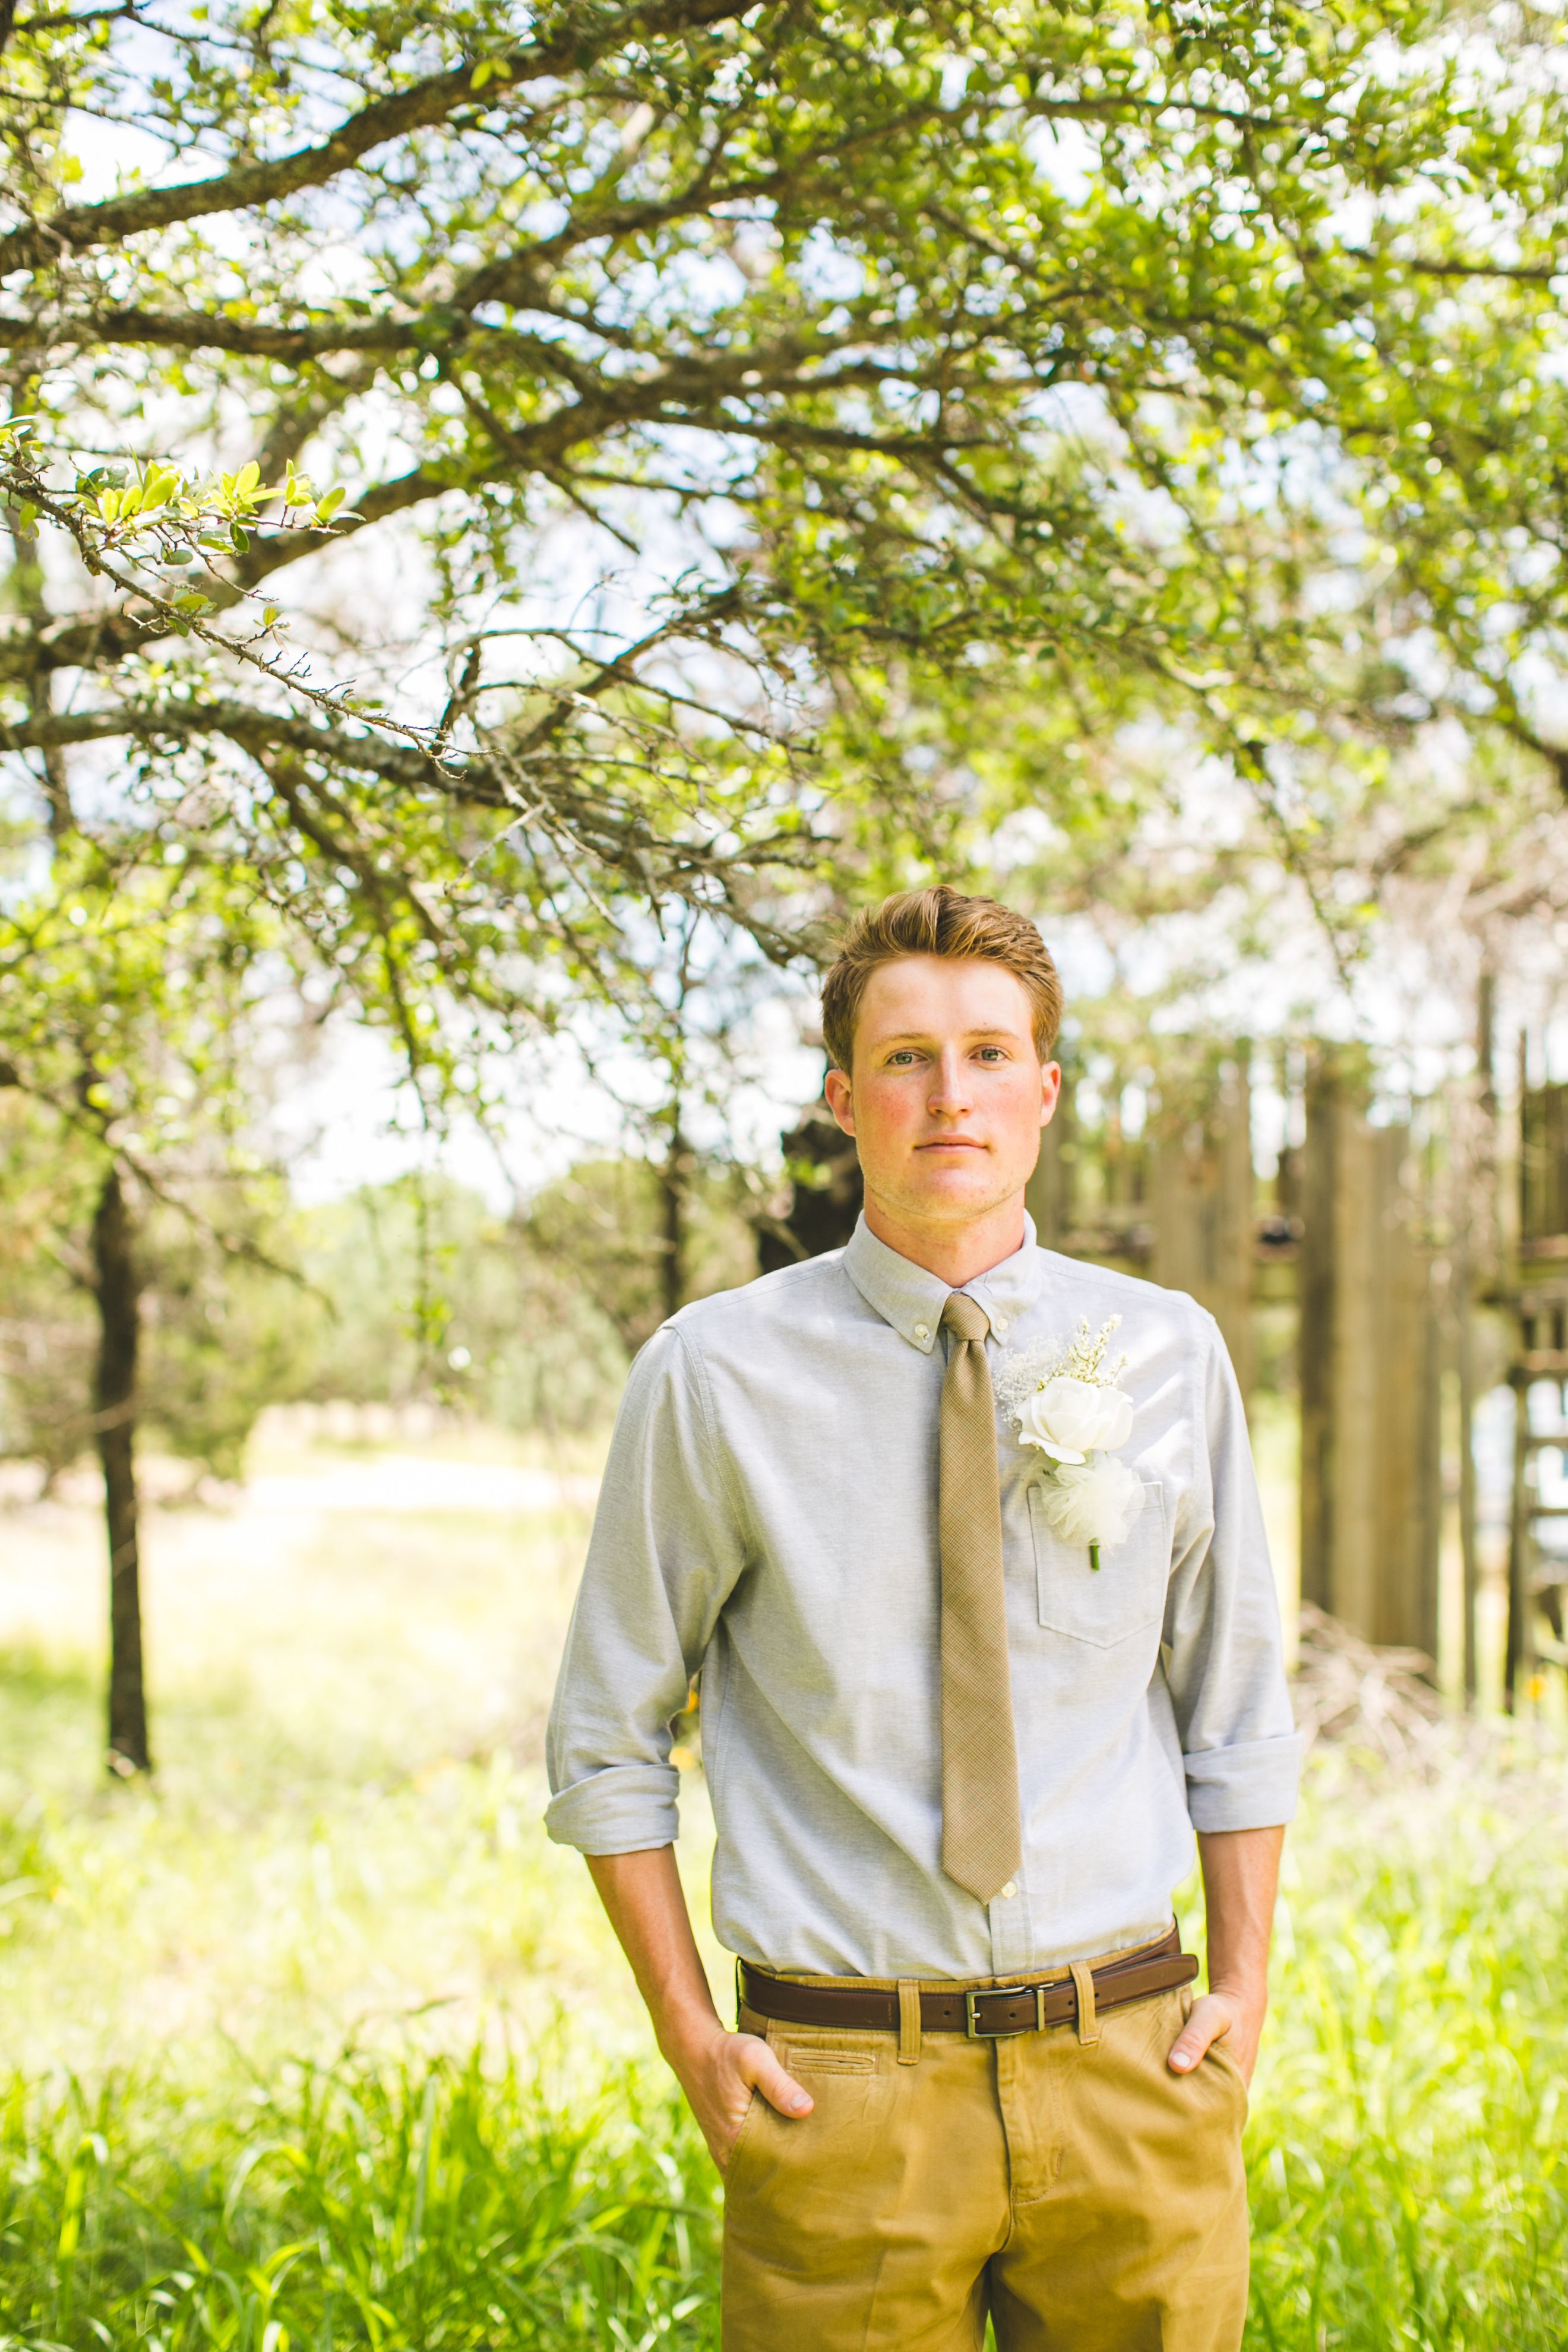 Casual groom outdoor wedding attire | Outdoor wedding ...